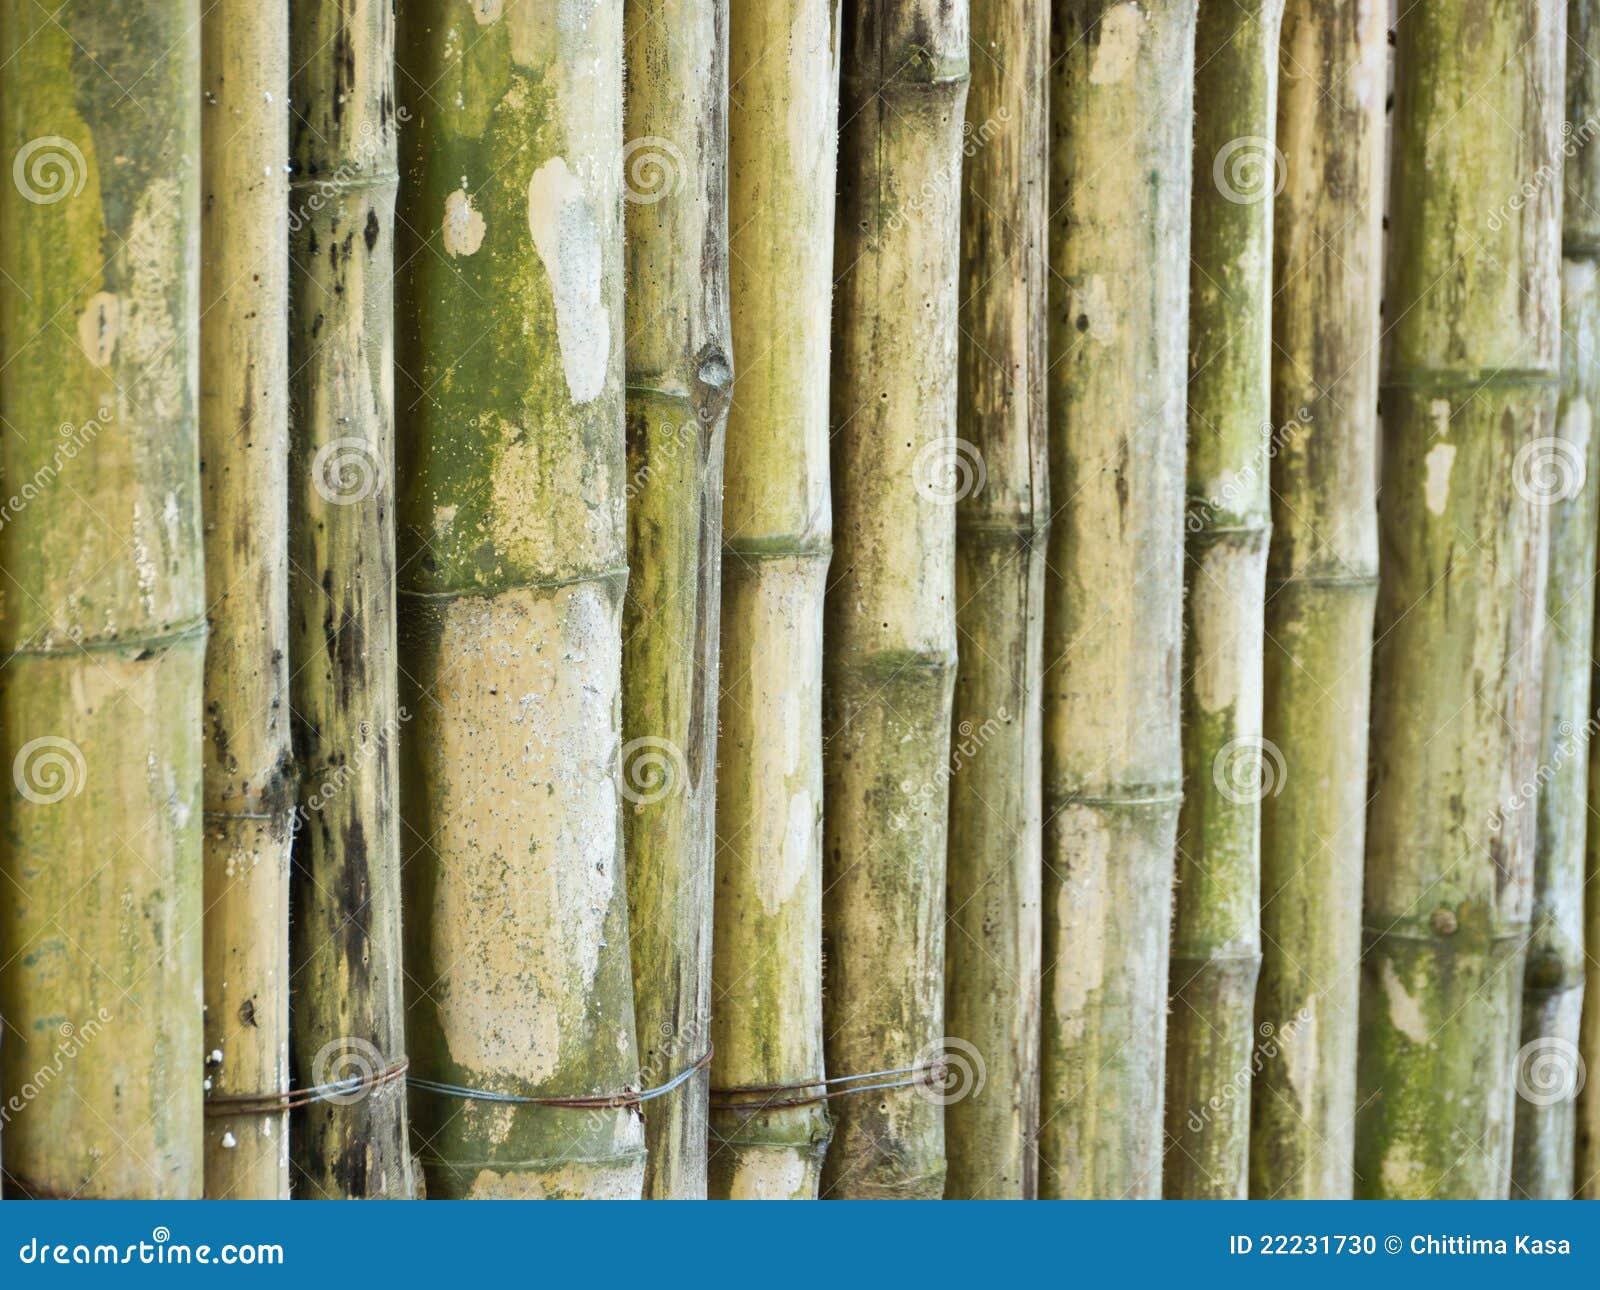 Bamboo Stcik People ~ Bamboo stick stock photo image